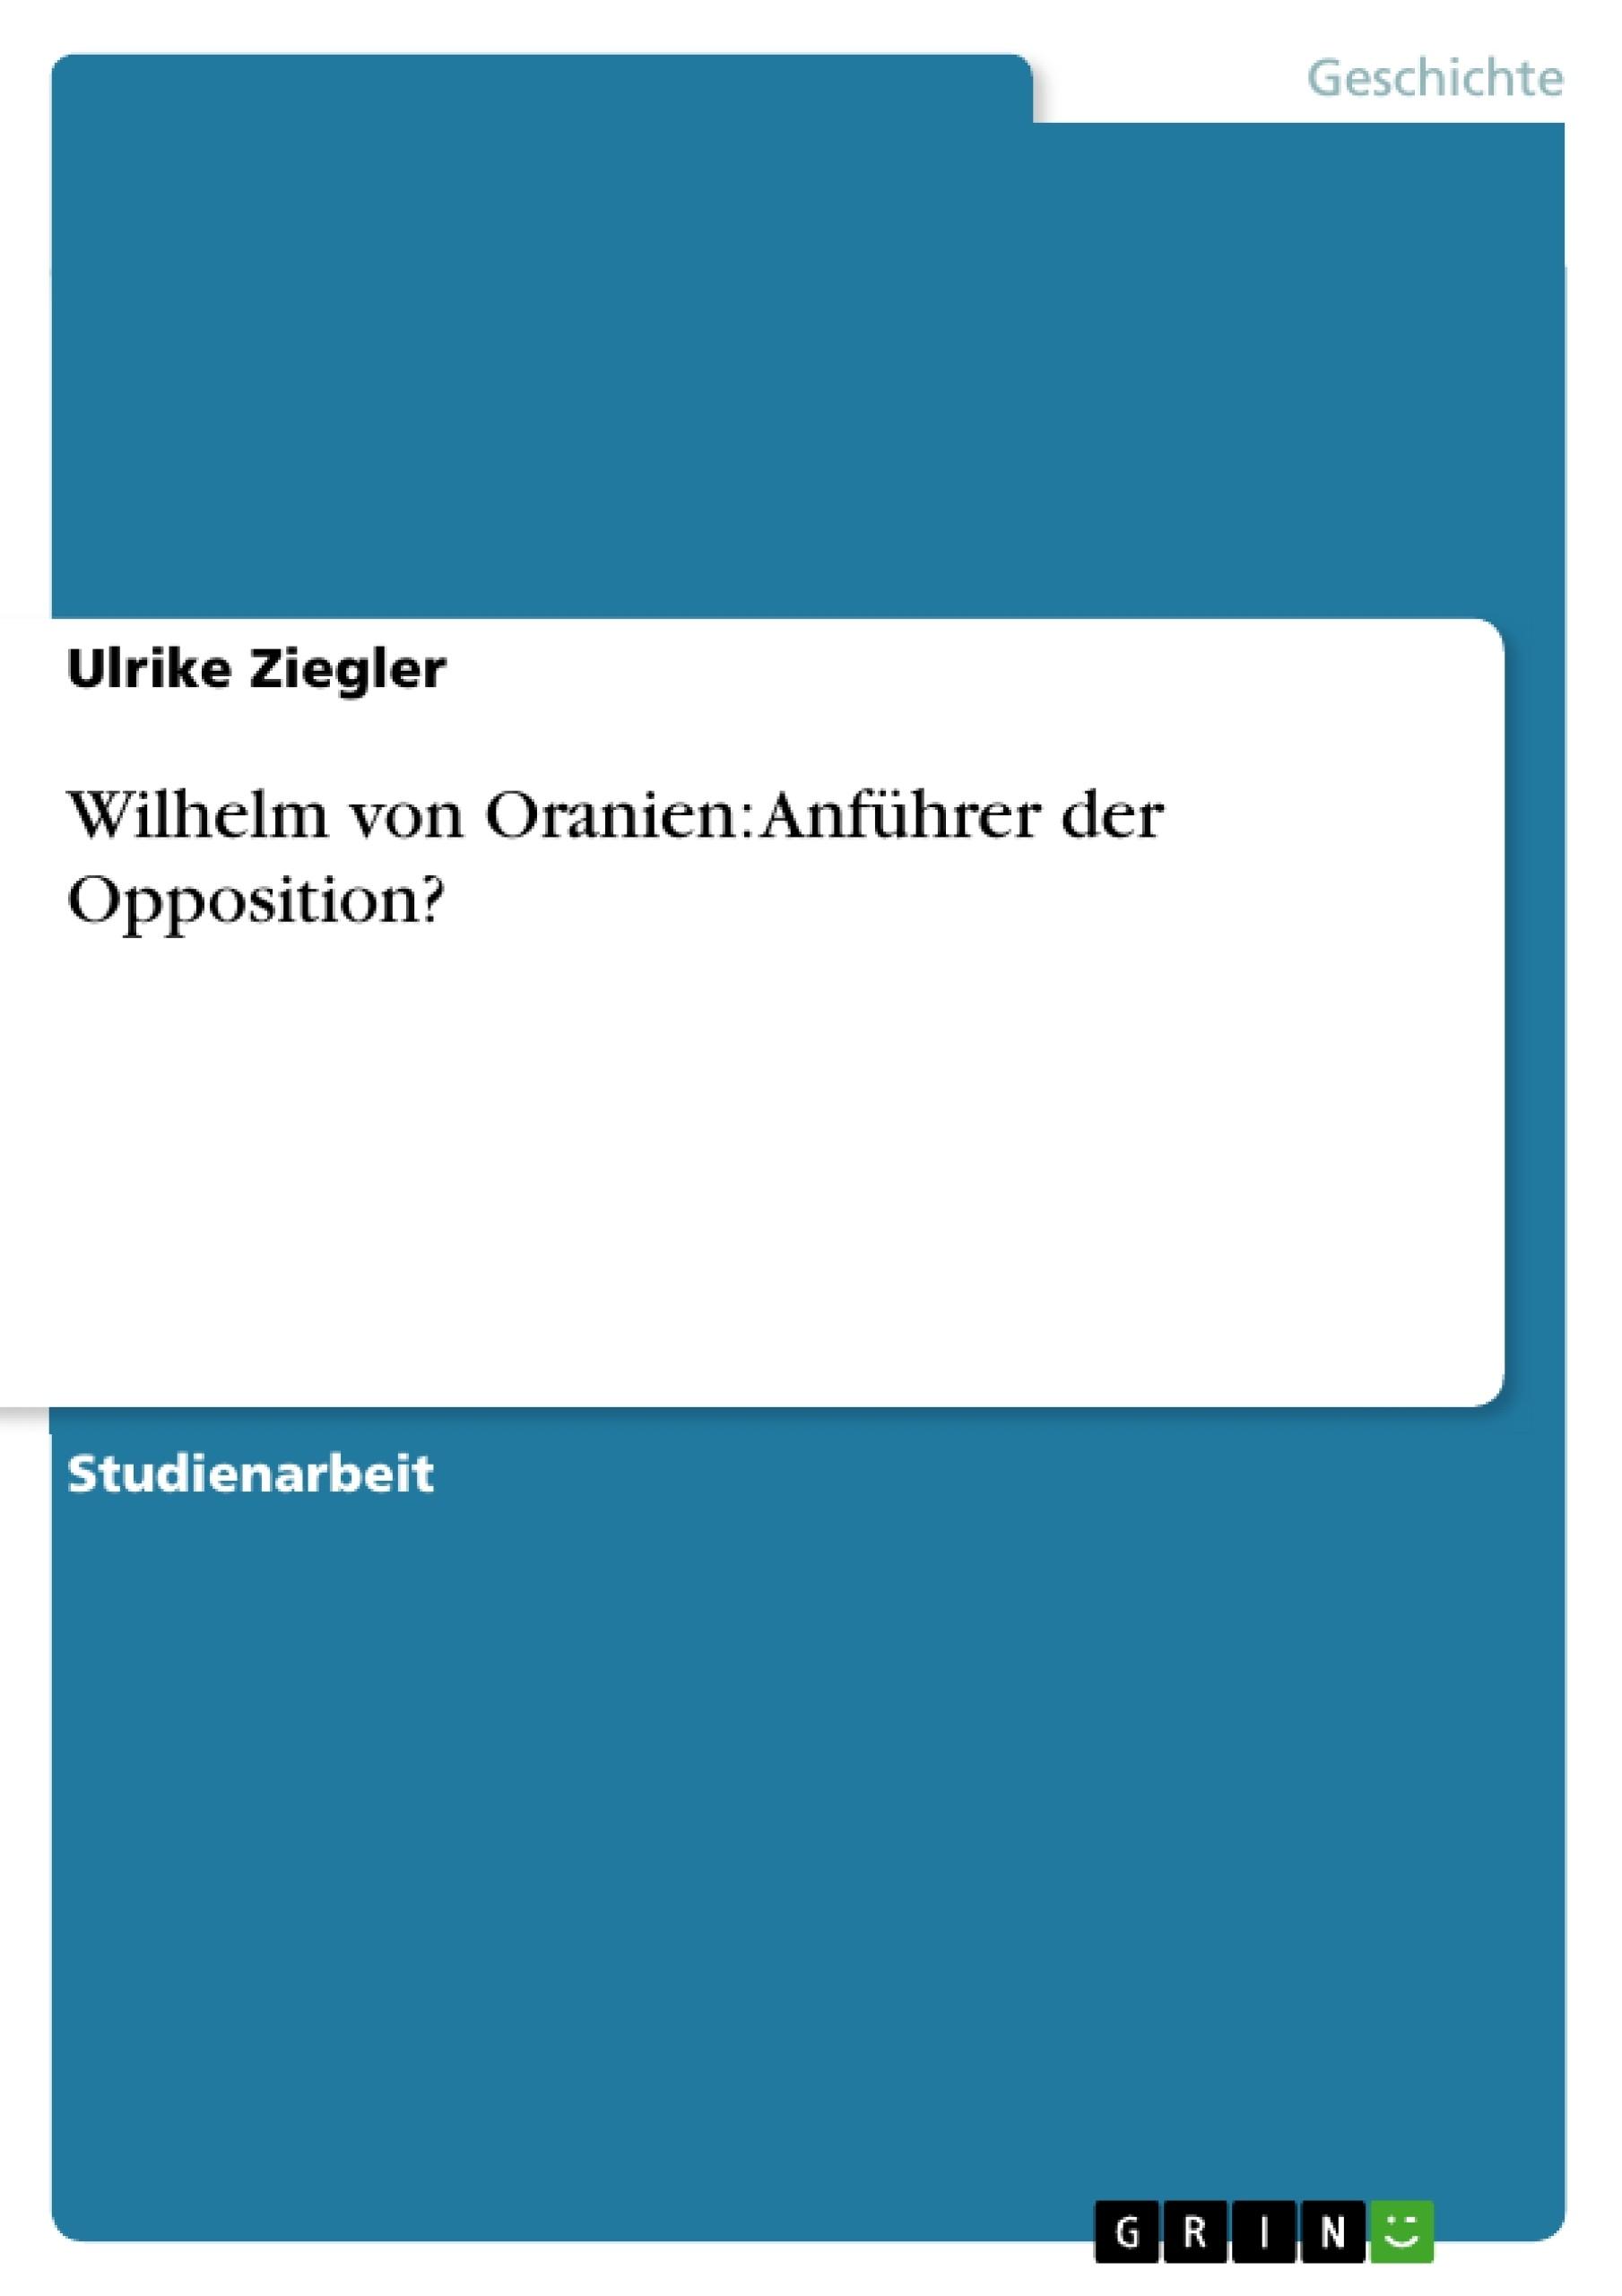 Titel: Wilhelm von Oranien: Anführer der Opposition?